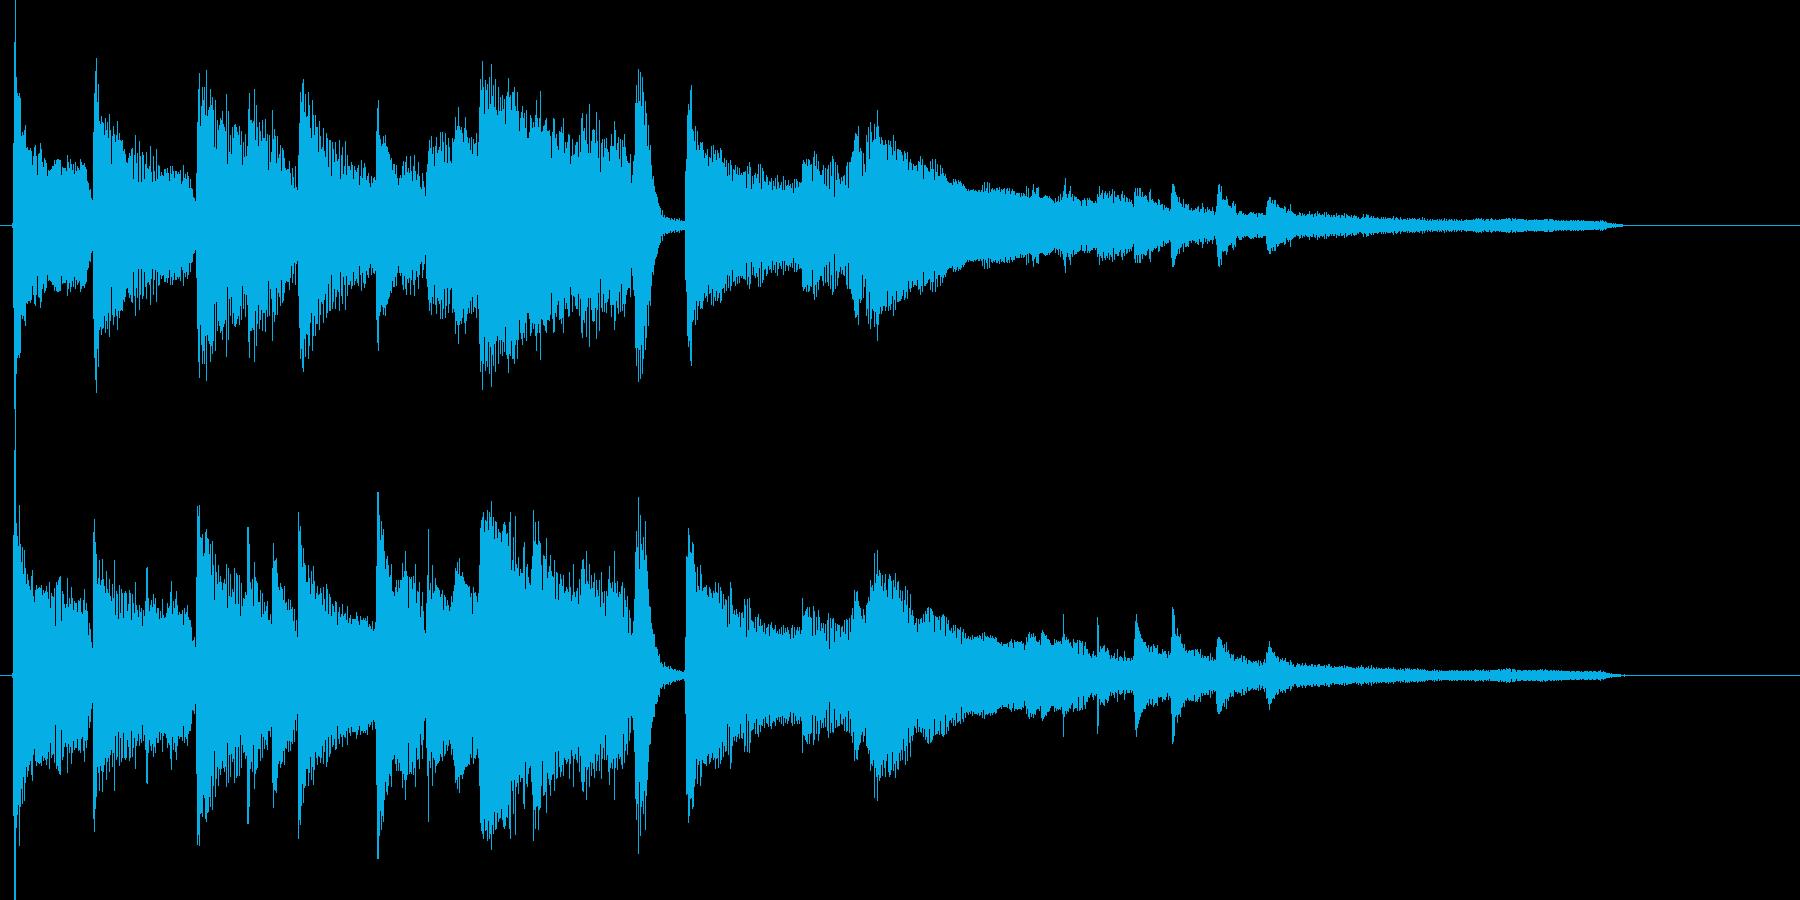 エンディング前のジングル向けピアノソロの再生済みの波形